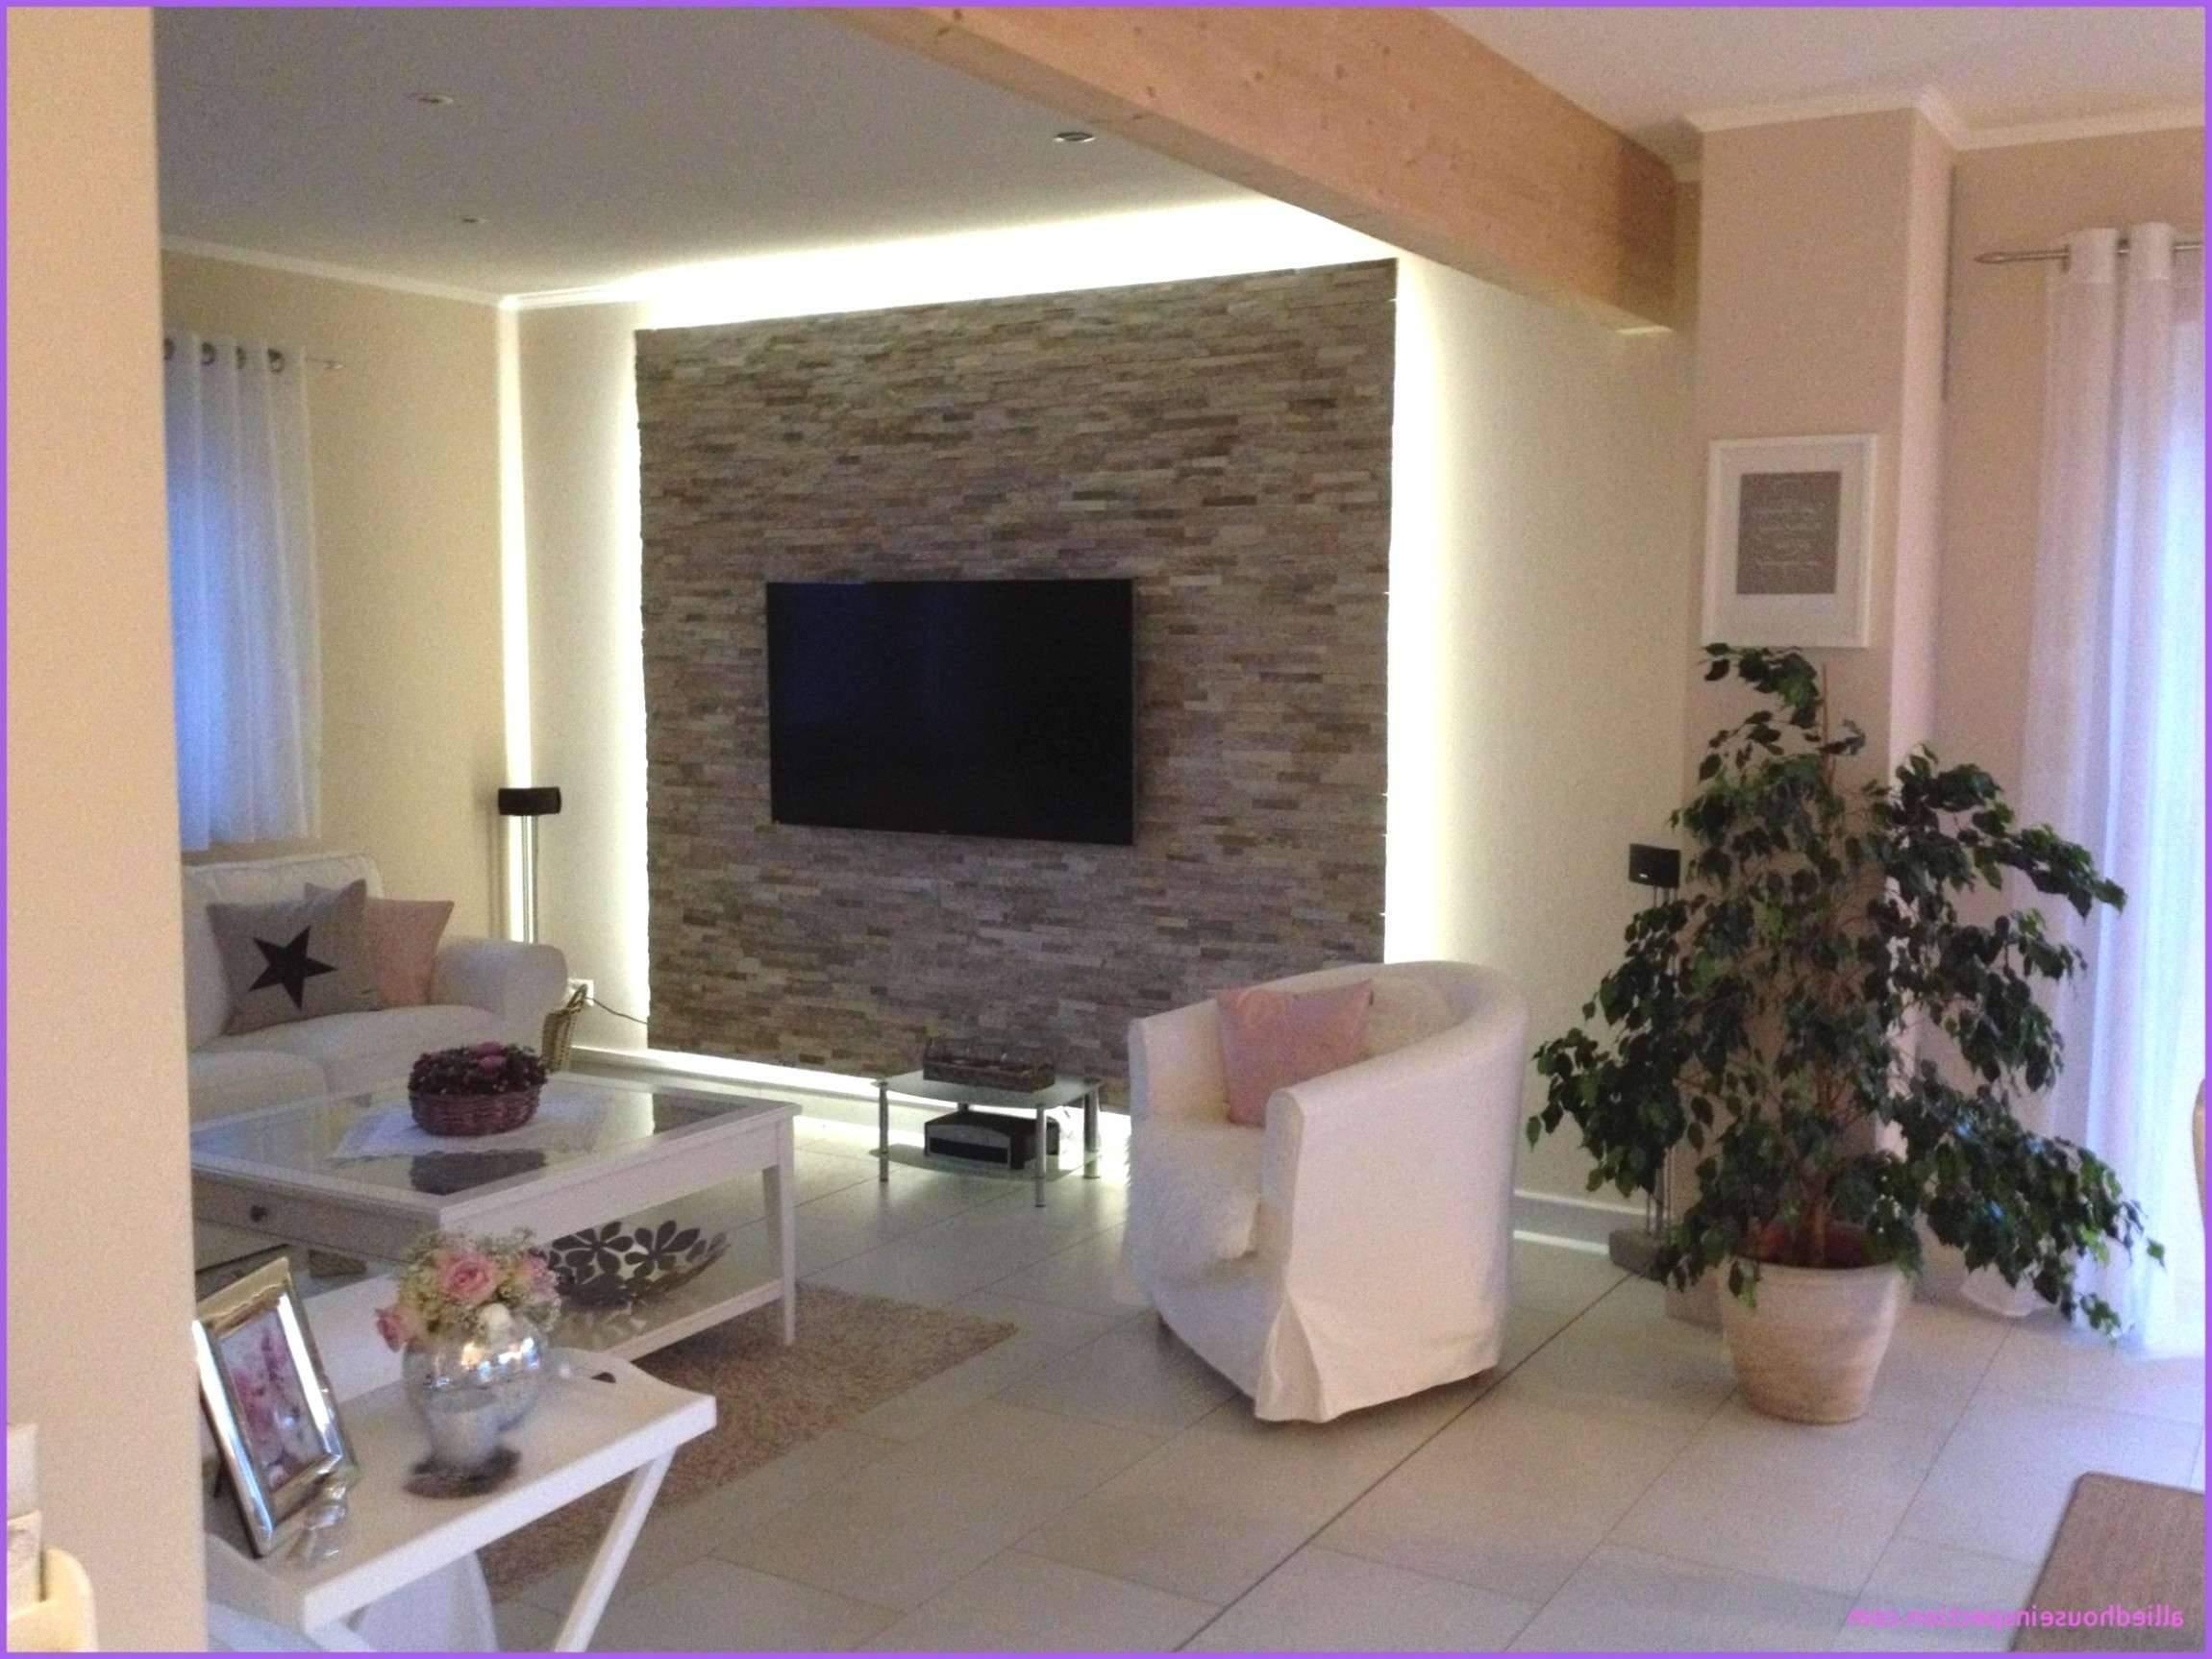 wohnzimmer deko wand genial wand design ideen wohnzimmer reizend of wohnzimmer deko wand